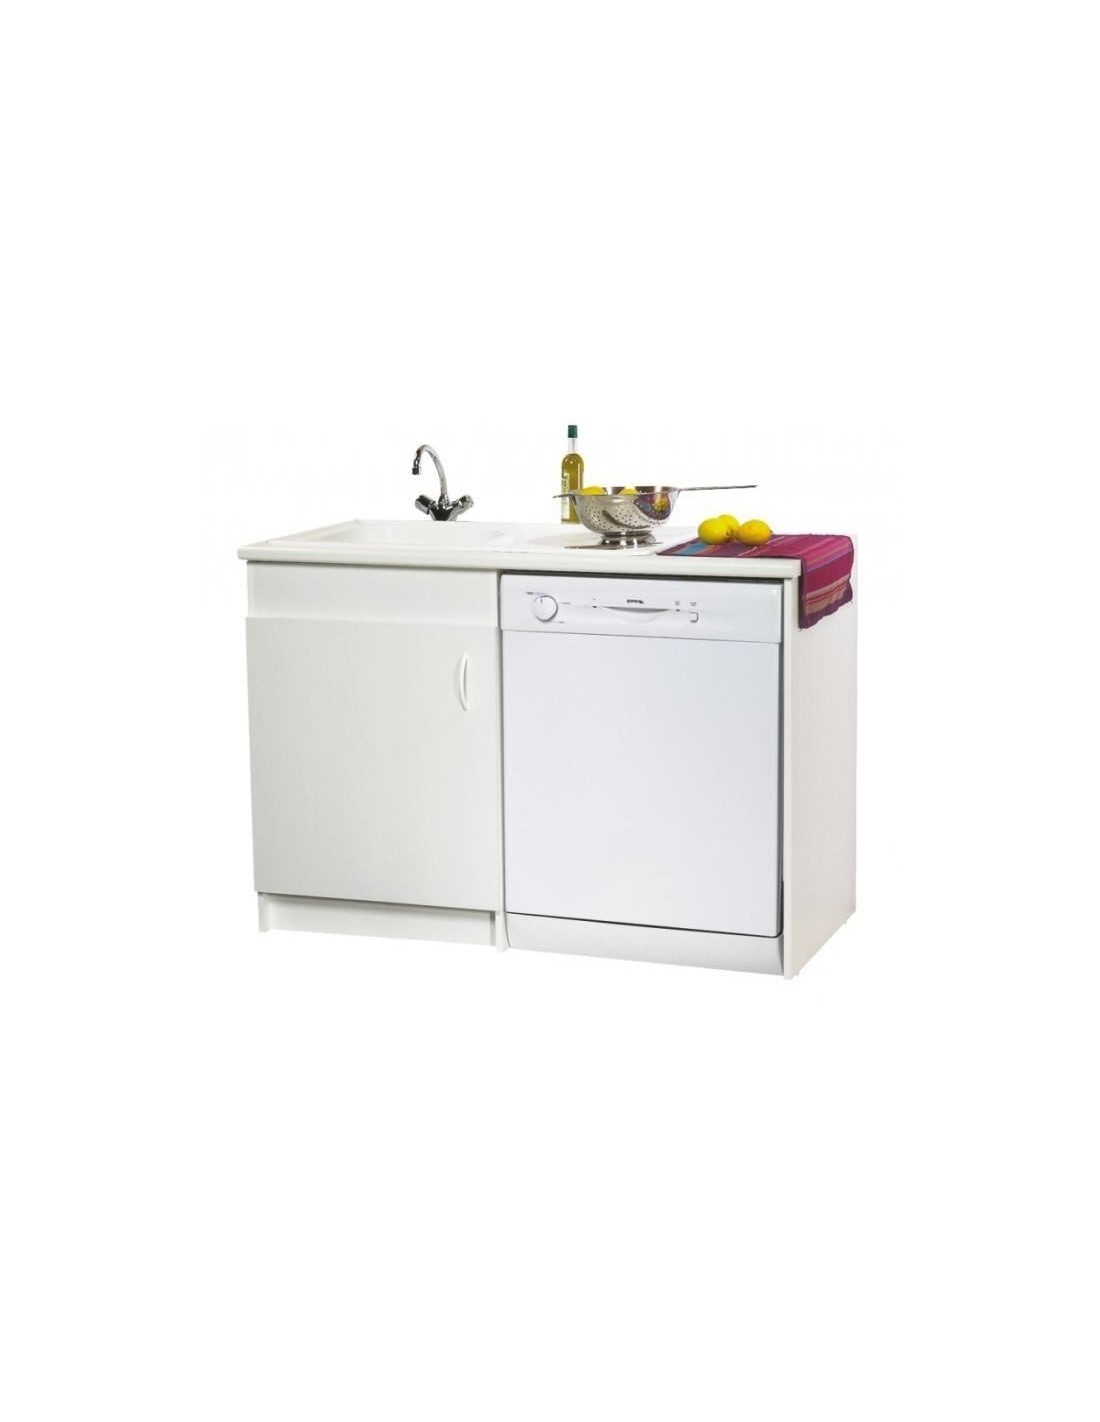 Meuble De Sous-Évier Option Lave Vaisselle 120 X 60 serapportantà Meuble Sous-Évier 120 Brico Dépôt